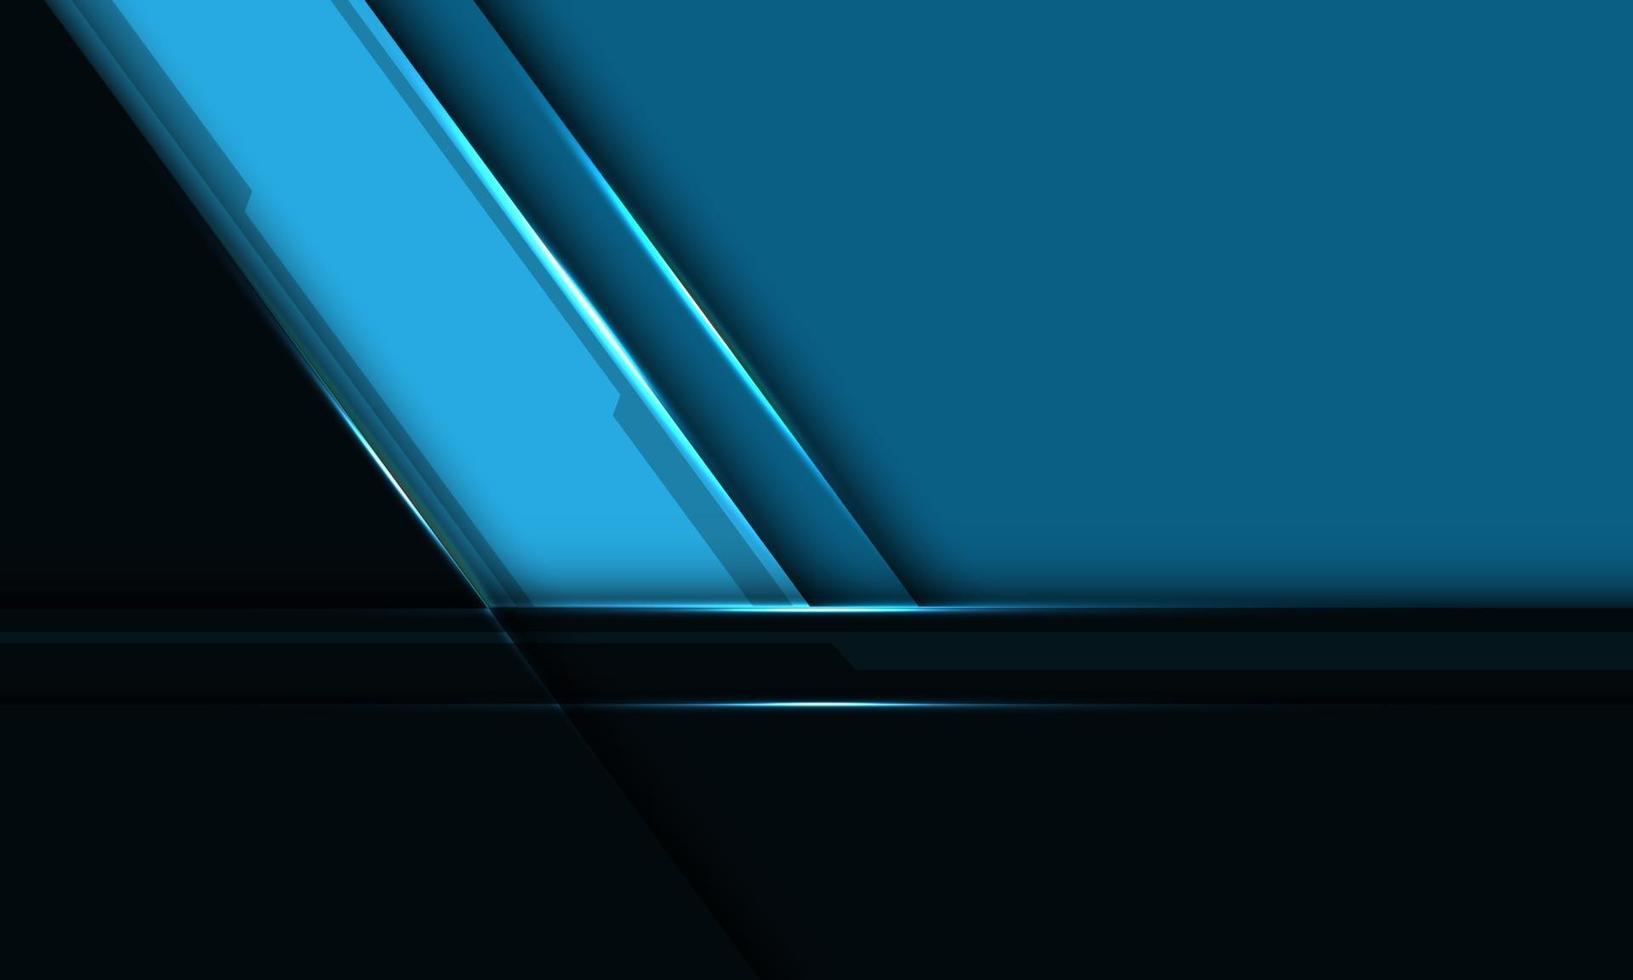 La barra diagonal metálica negra azul abstracta se superpone con la ilustración de vector de fondo futurista moderno diseño de espacio en blanco.